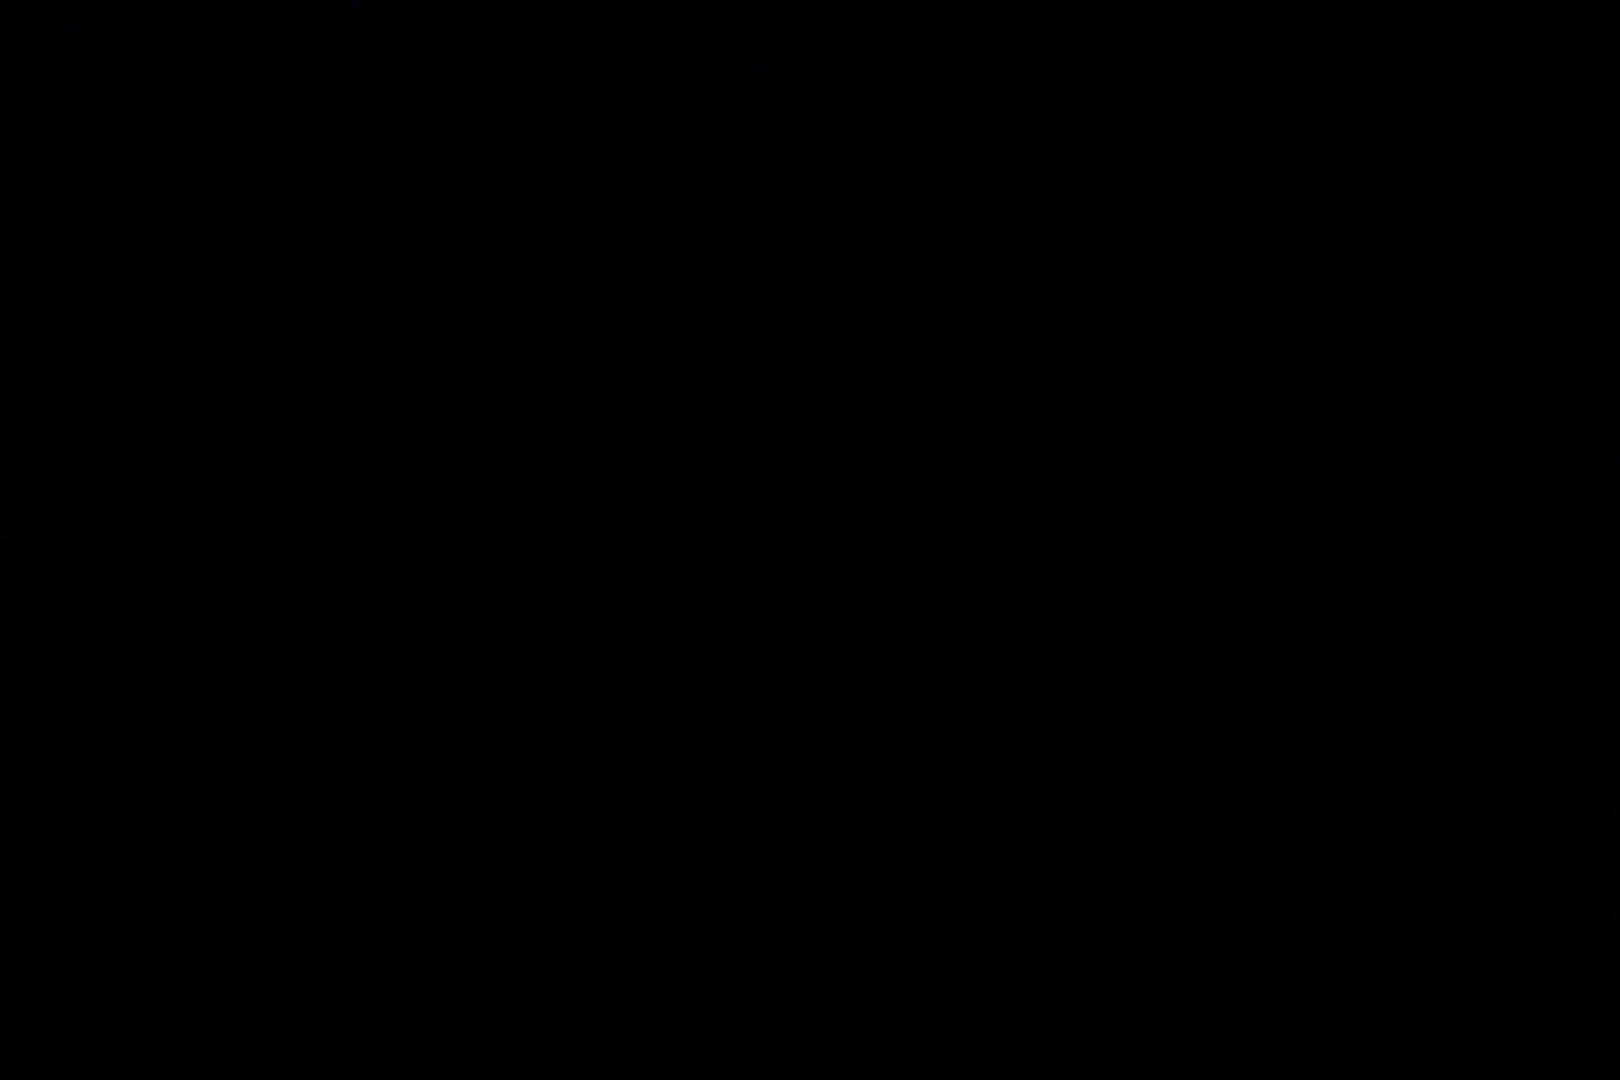 亀さんかわや VIPバージョン! vol.38 オマンコ 盗撮アダルト動画キャプチャ 104連発 47